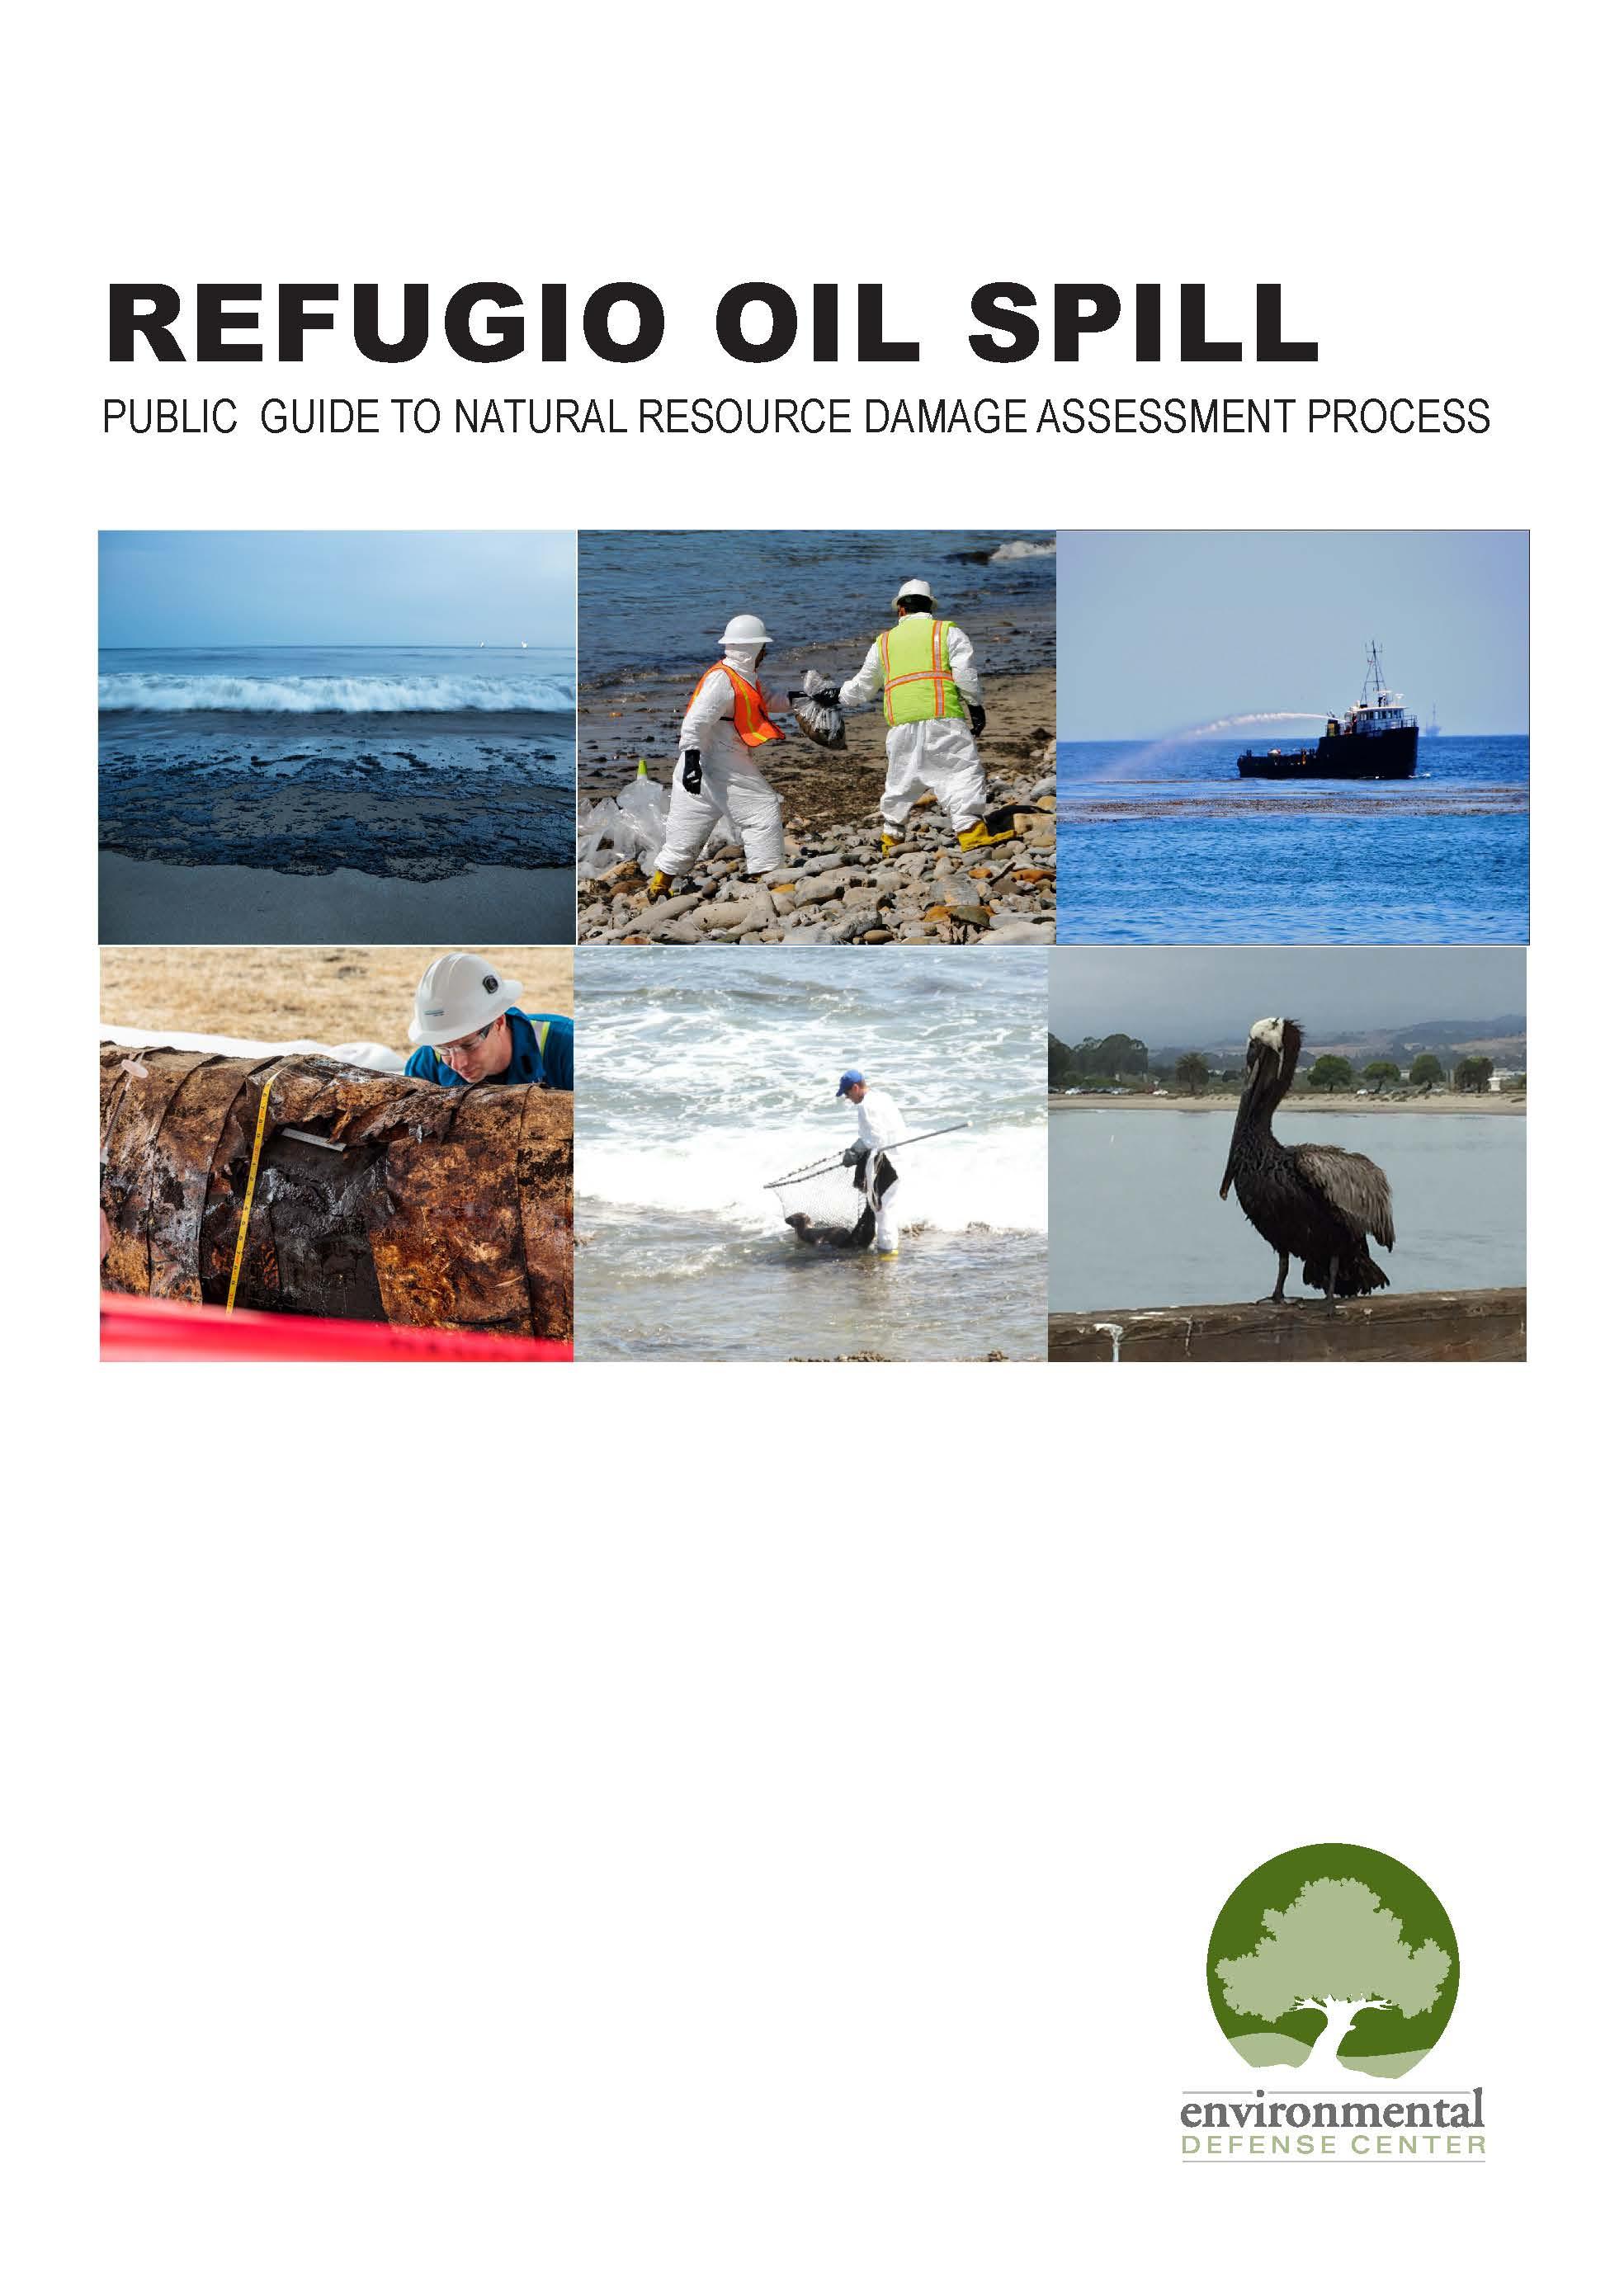 NRDA Guide Cover